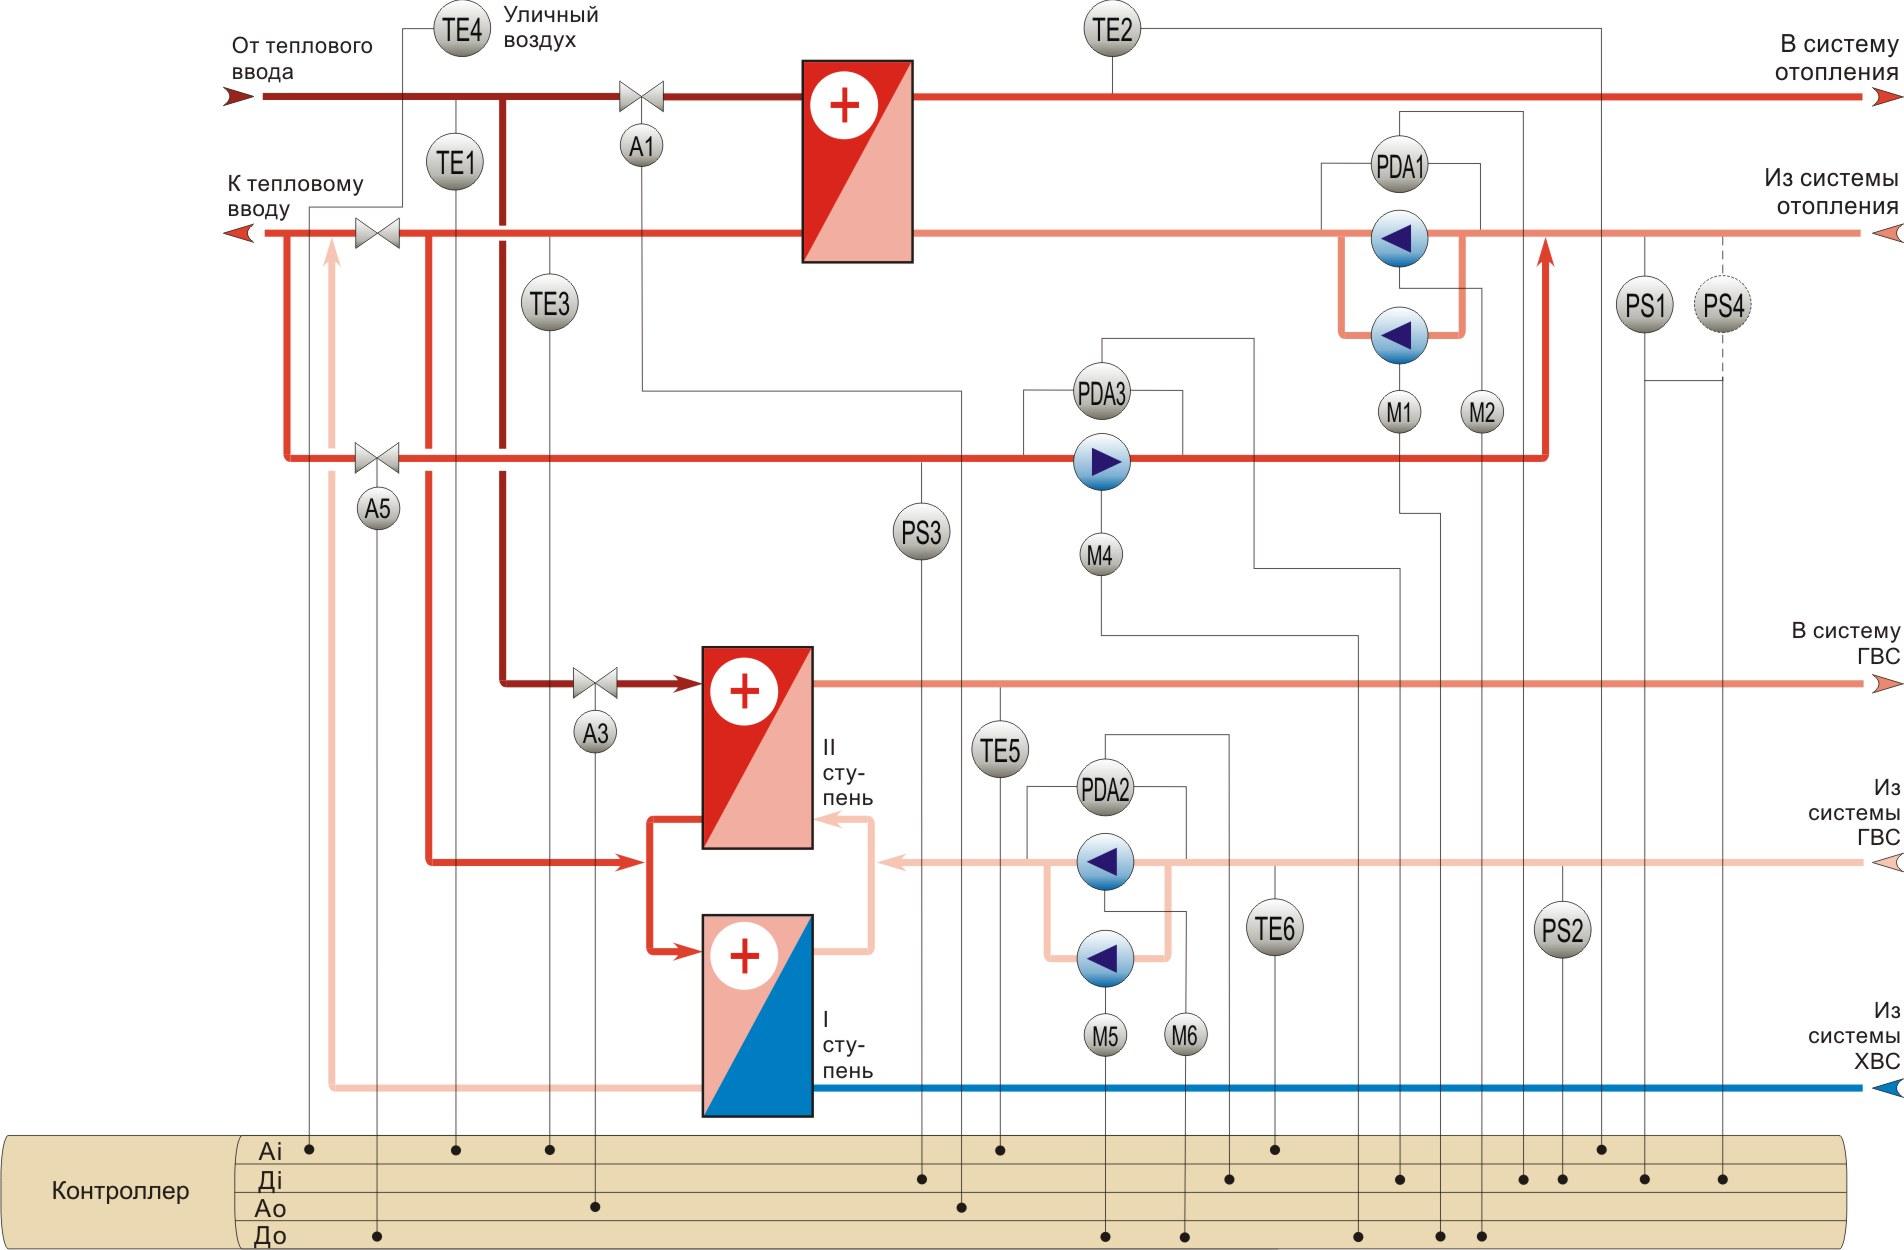 Тупиковая схема горячего водоснабжения